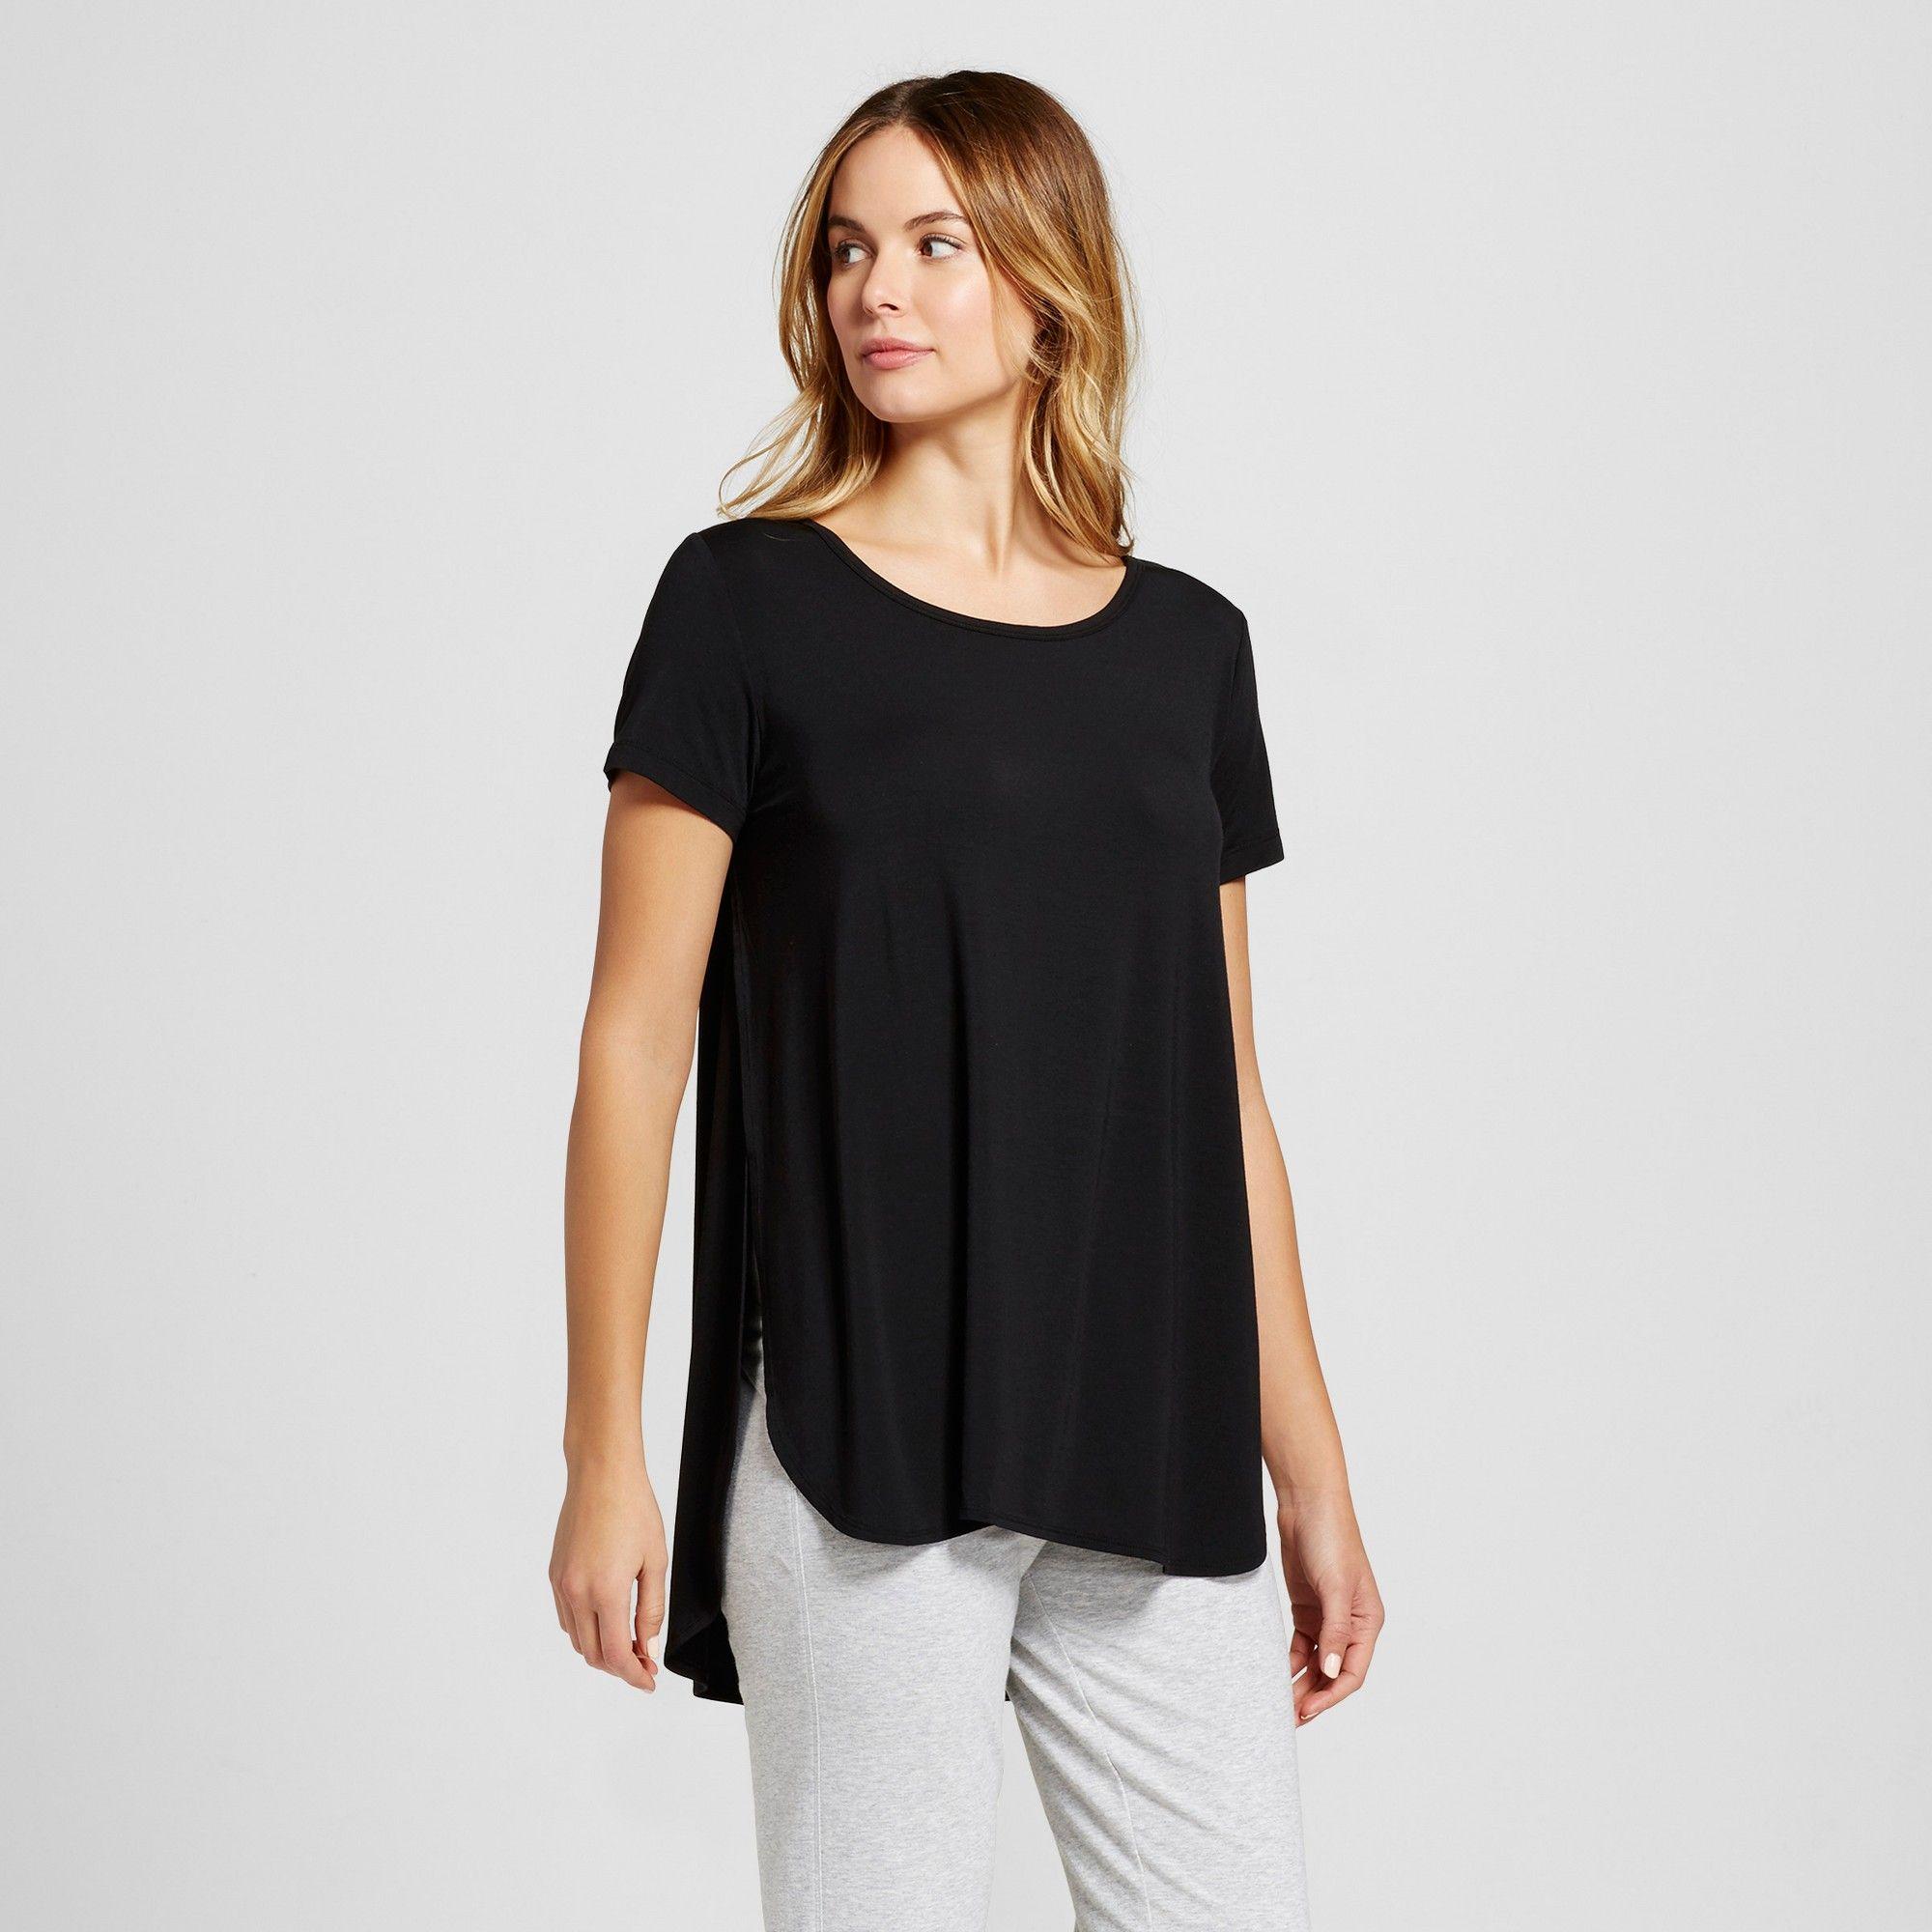 e88ba060aa38 Maternity Nursing Sleep T-Shirt - Black Xxl